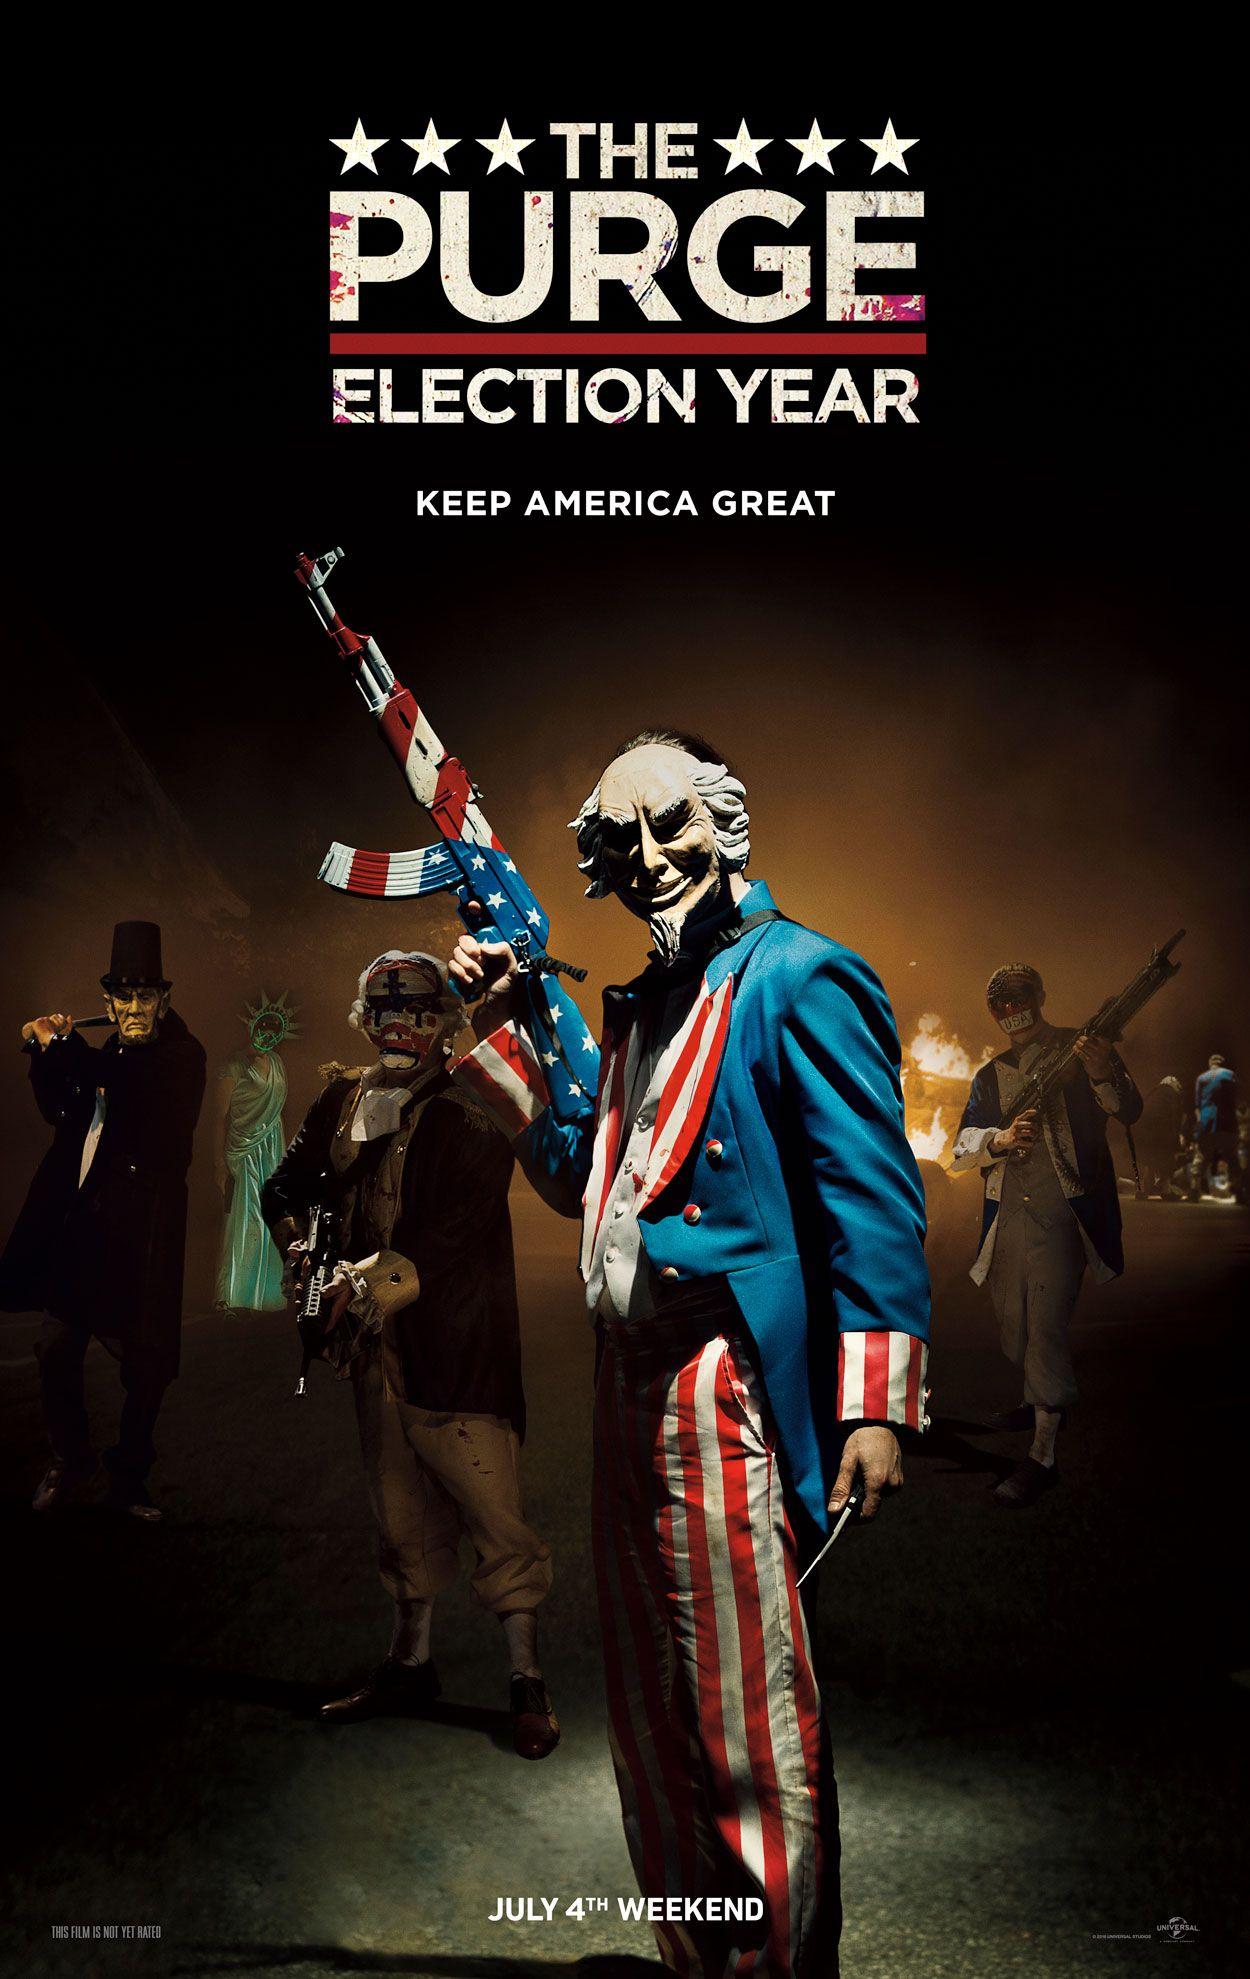 Noc Oczyszczenia: Czas Wyboru / The Purge Election Year